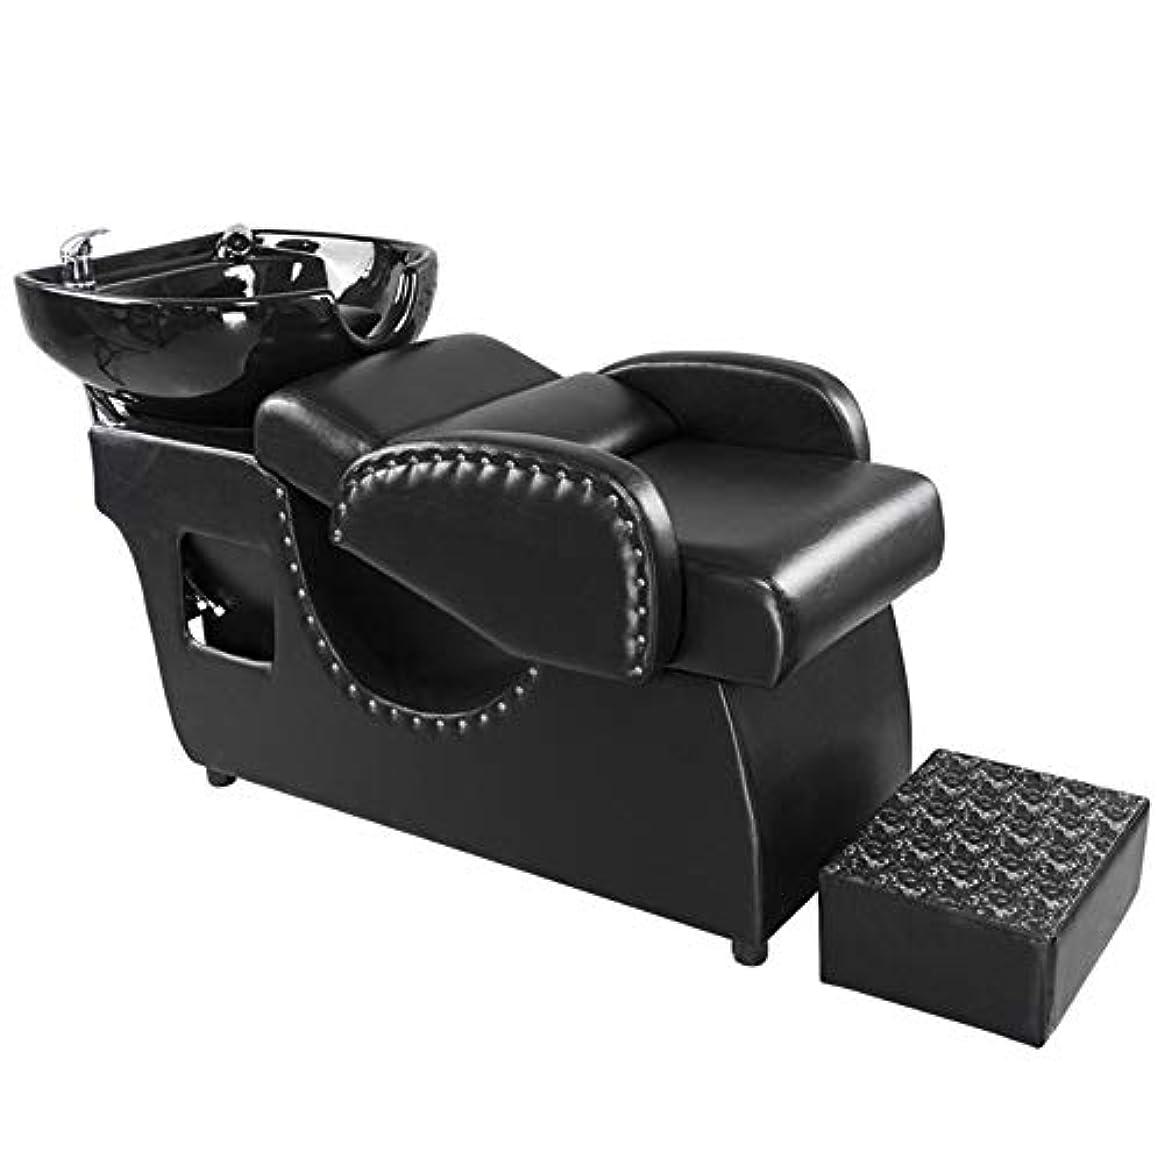 池マティス腰シャンプーの理髪師の逆洗の椅子、鉱泉の美容院のためのベッドを洗う陶磁器の洗面器の流しの流しの椅子